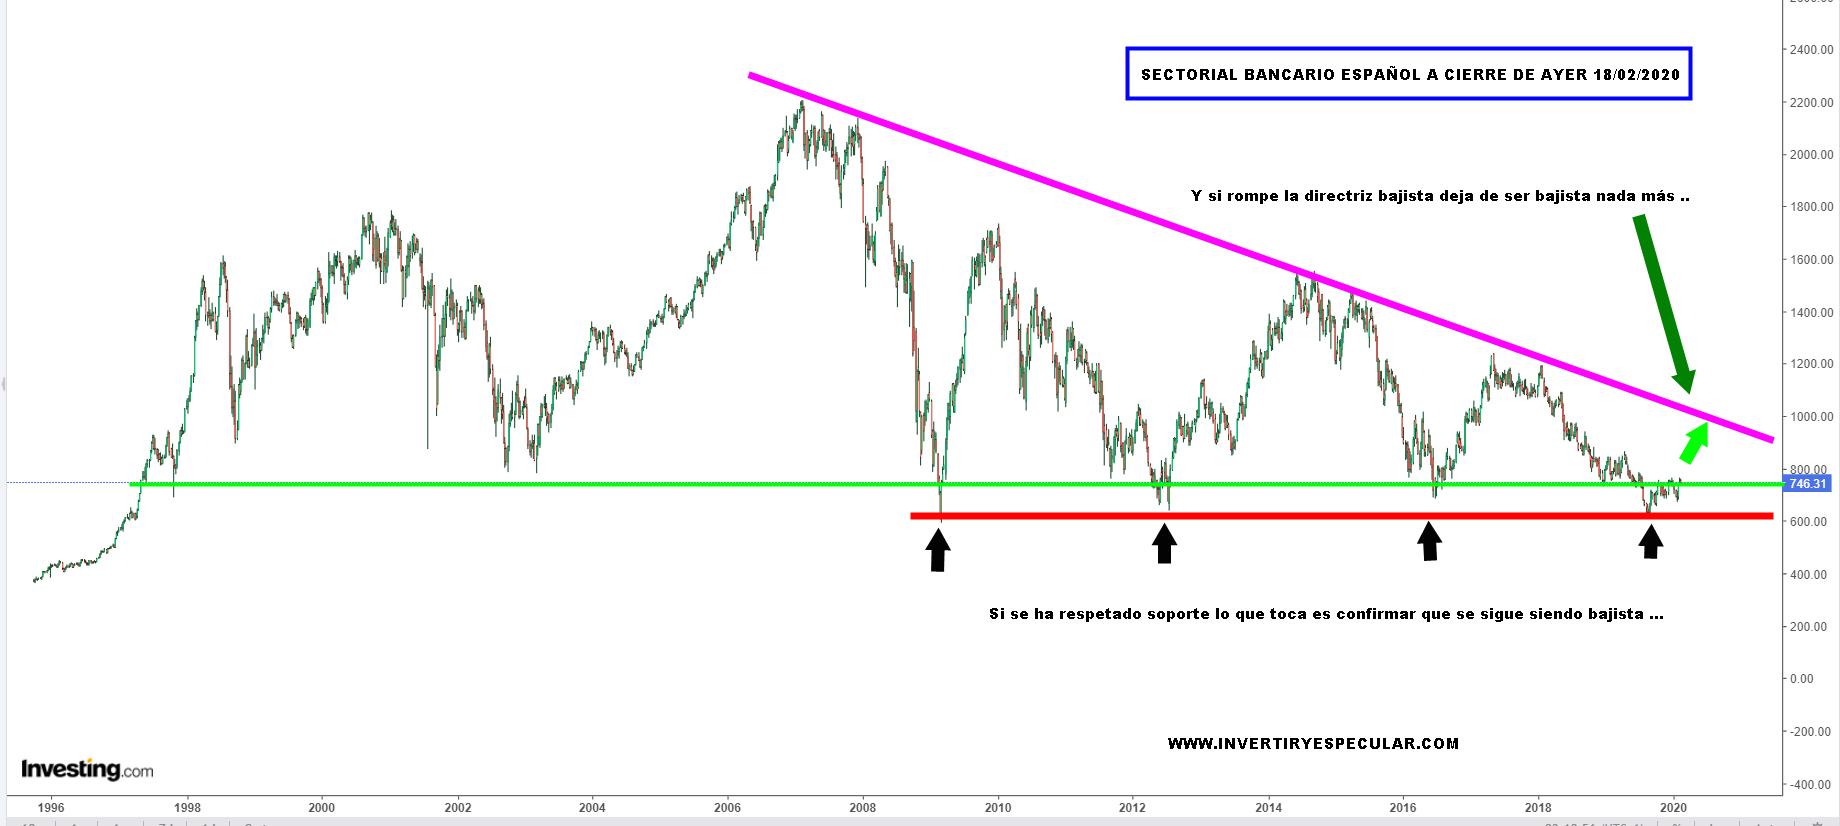 ¿Miedo al bancario español?